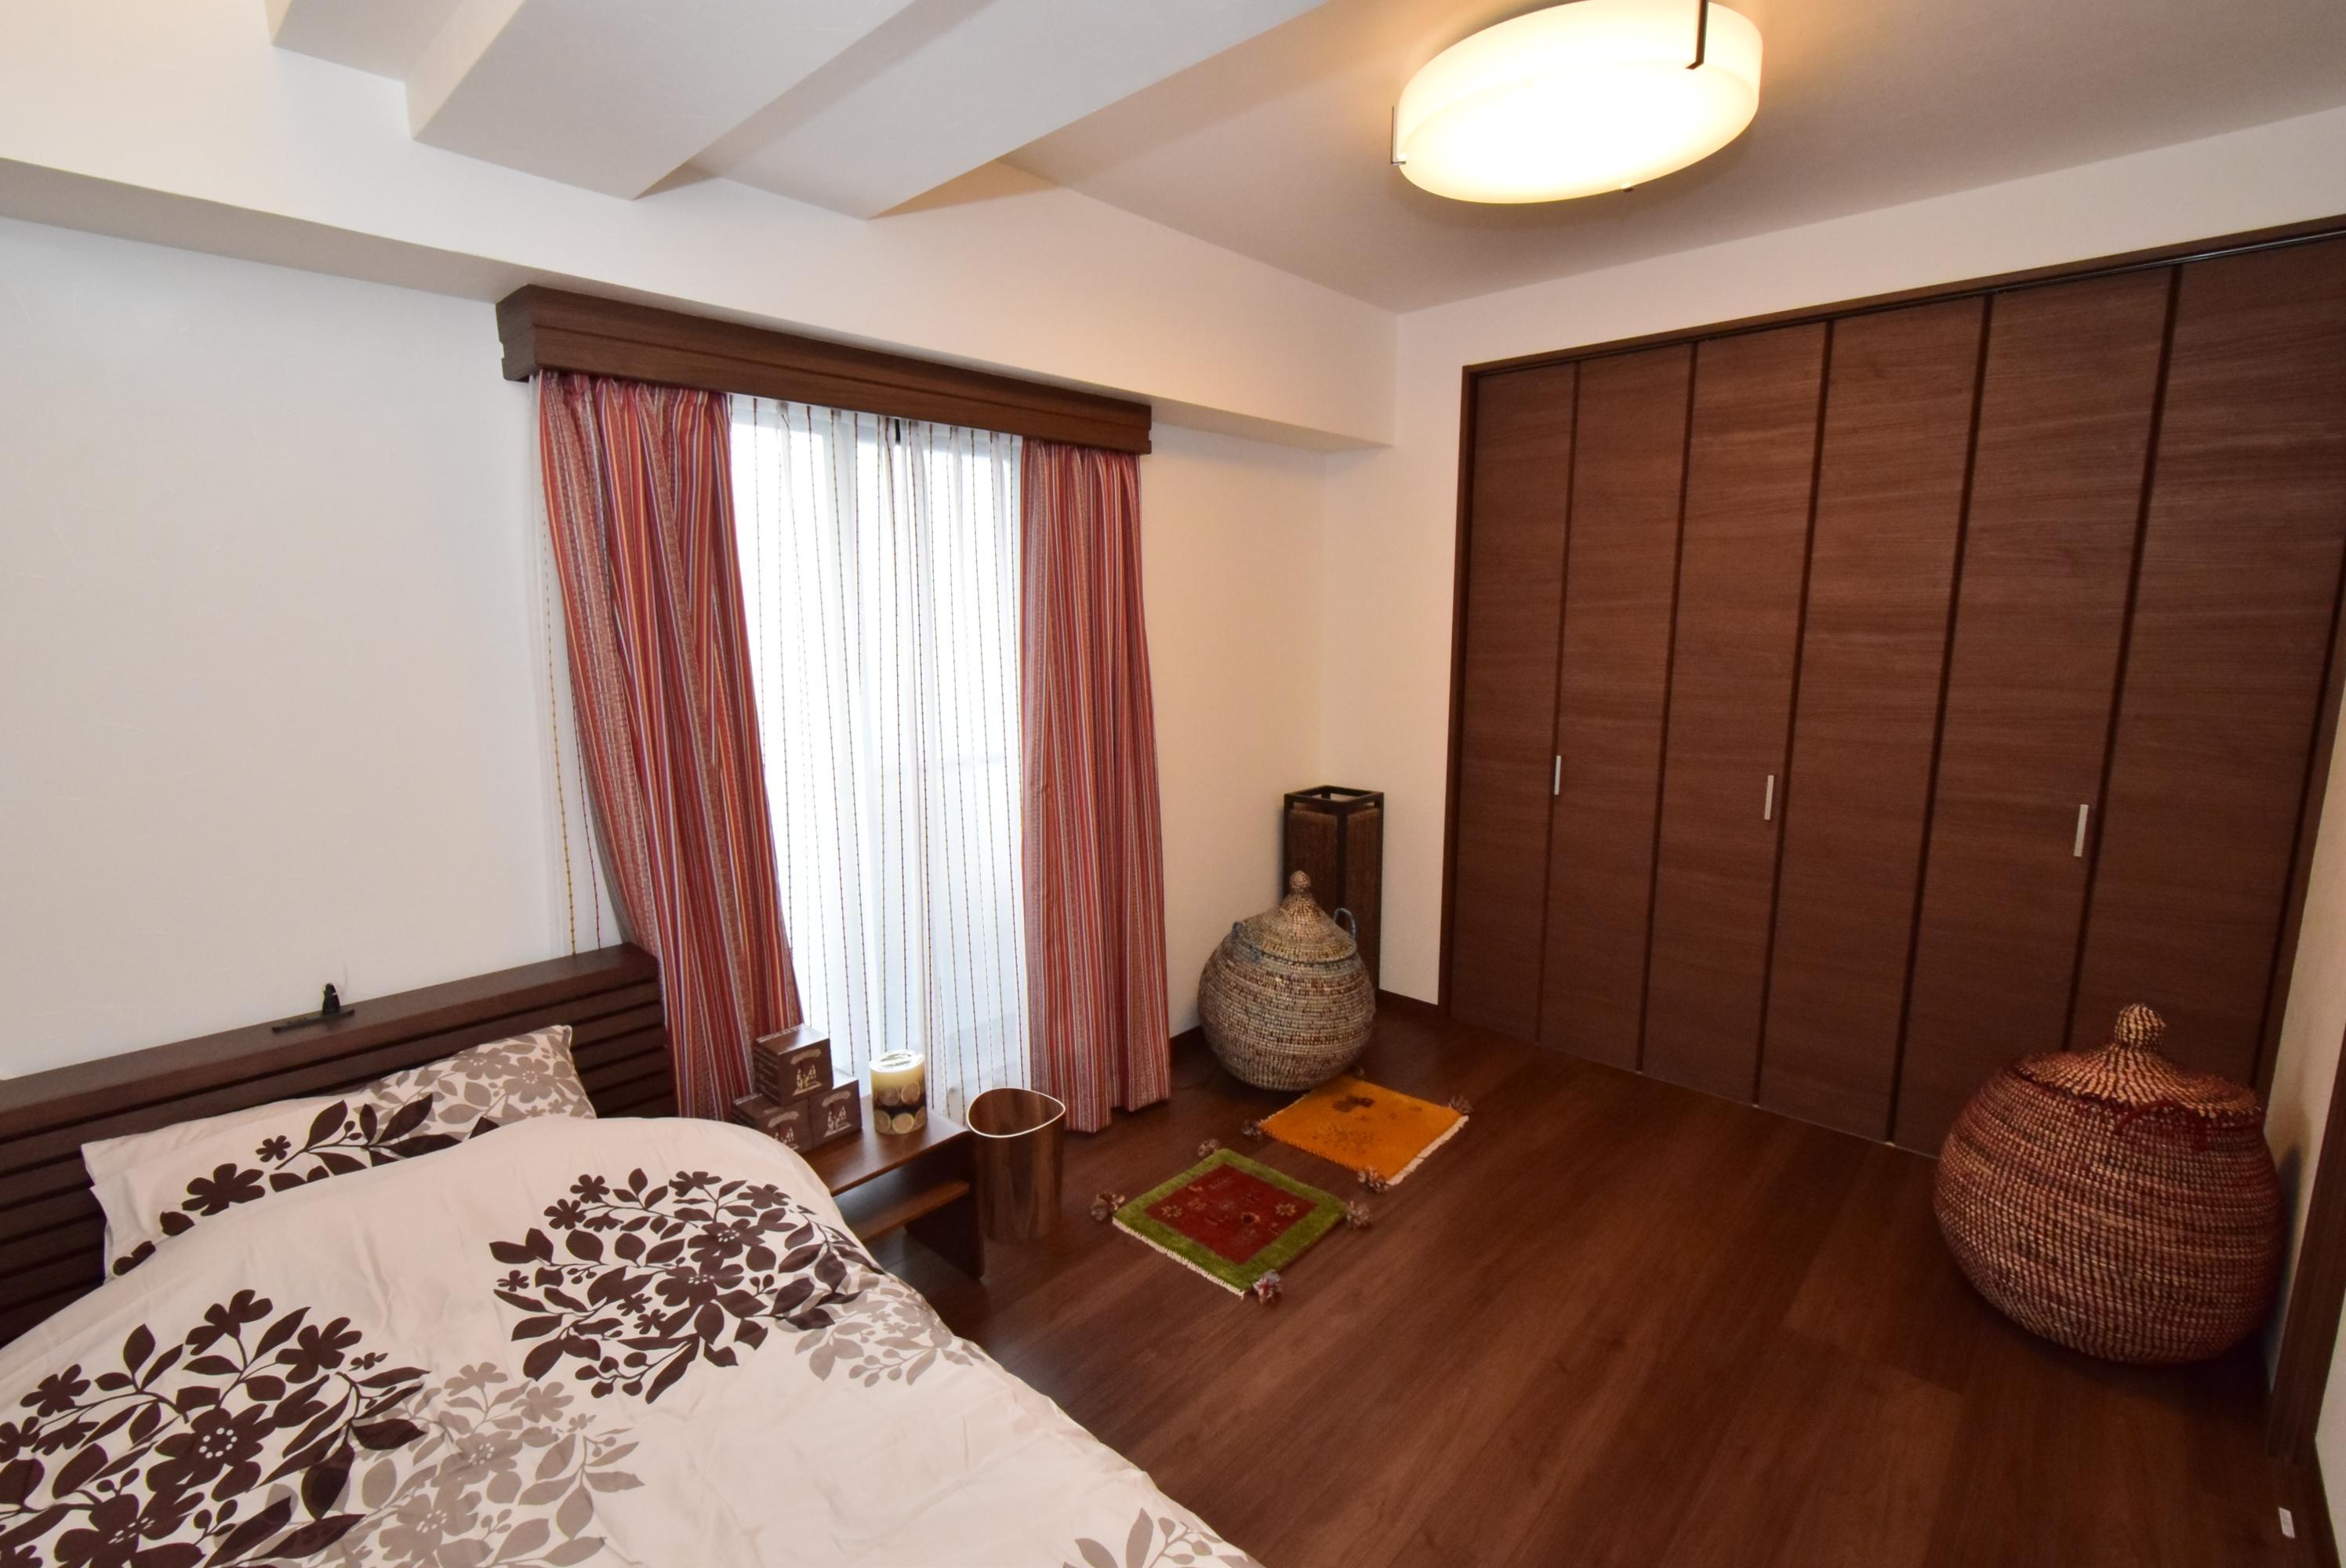 デットスペースをなくすリノベーションの部屋 落ち着きのあるベッドルーム